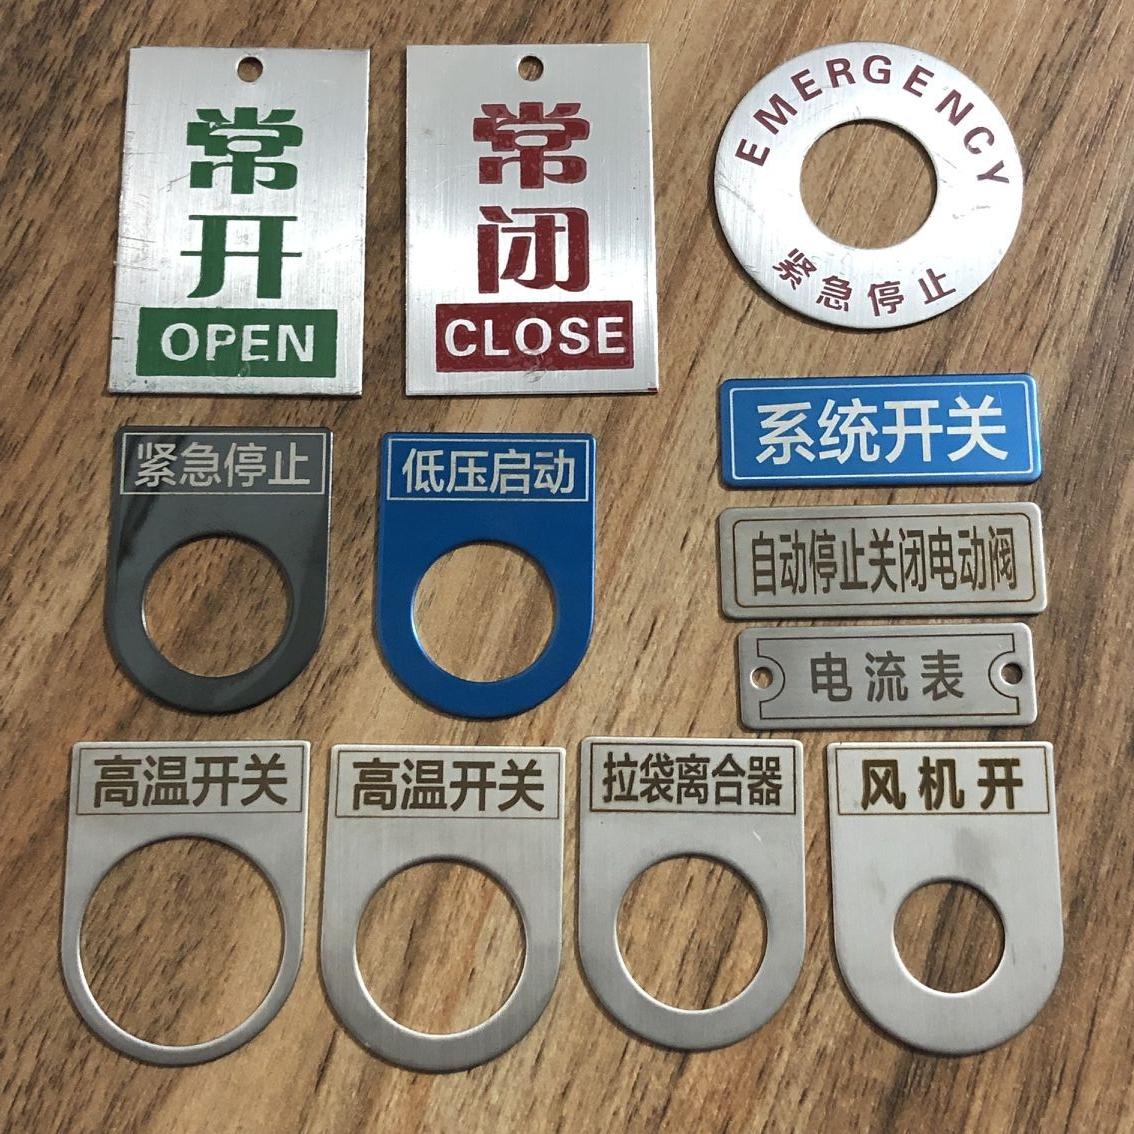 不锈钢按钮标牌紧急停止标牌电气按钮标牌常开常闭标牌电气标牌